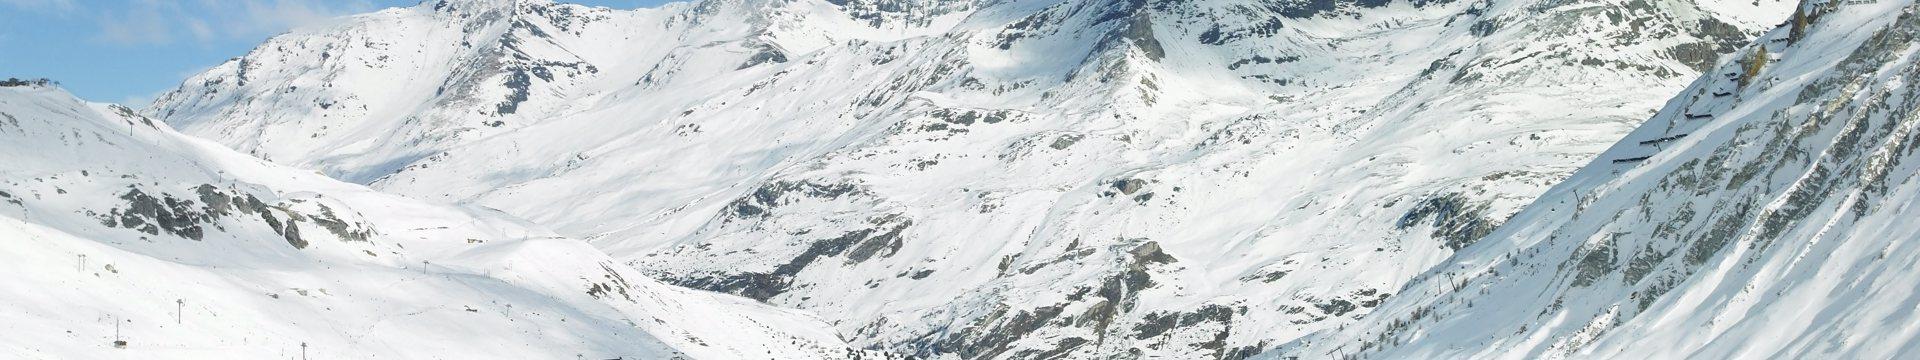 Tignes-Val Claret